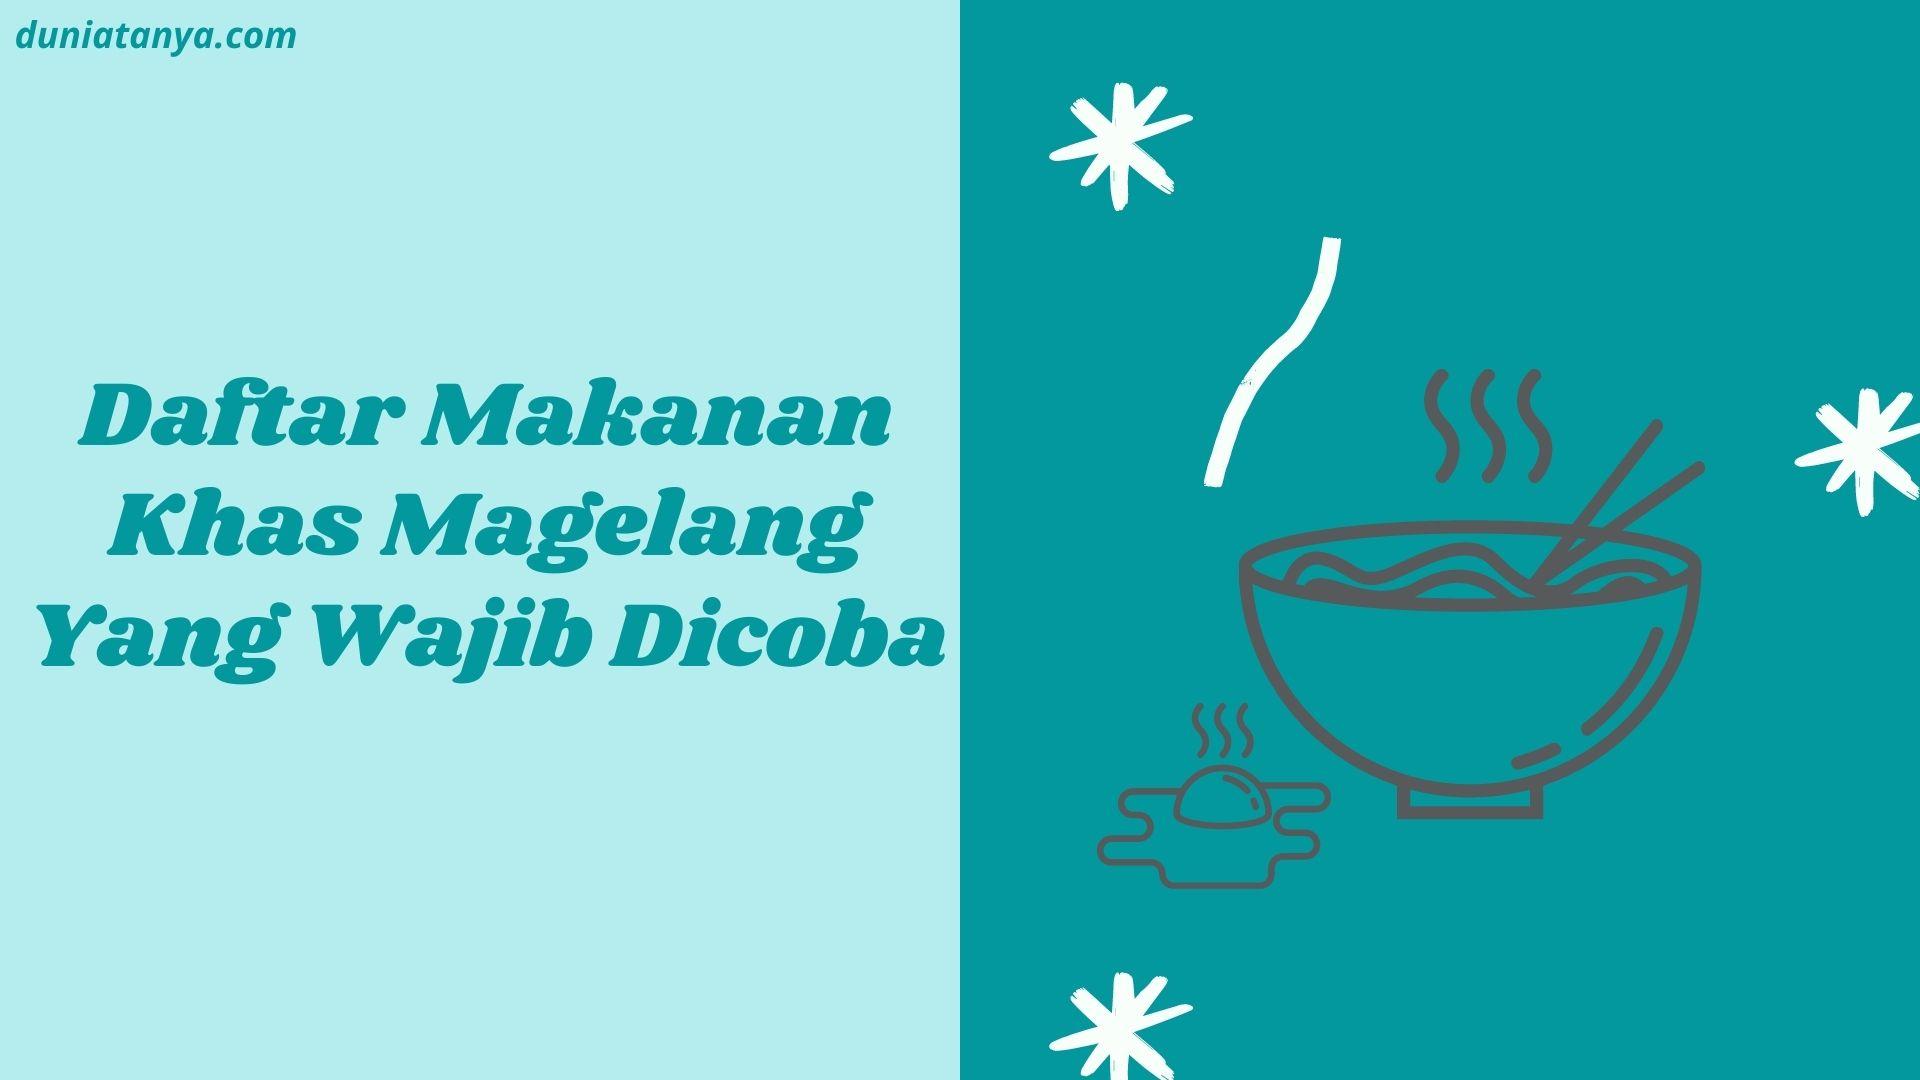 You are currently viewing Daftar Makanan Khas Magelang Yang Wajib Dicoba